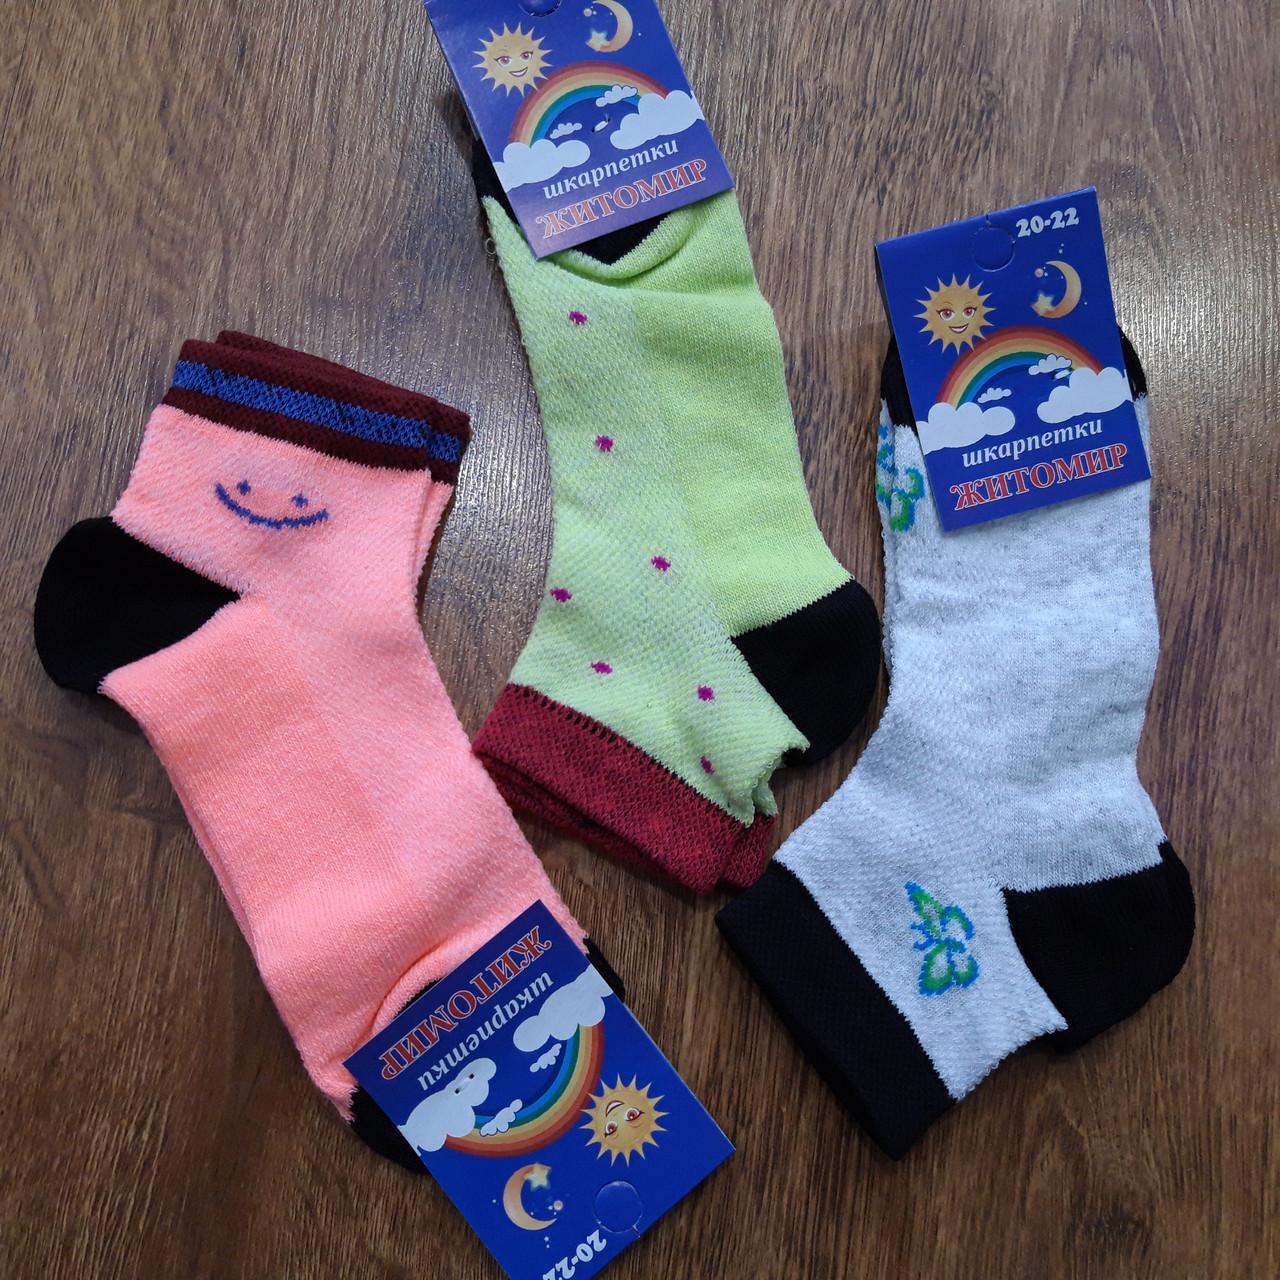 """Дитячі стрейчеві шкарпетки(сітка)""""Житомир Сонечко"""" на дівчинку 20-22(9-10 років)"""